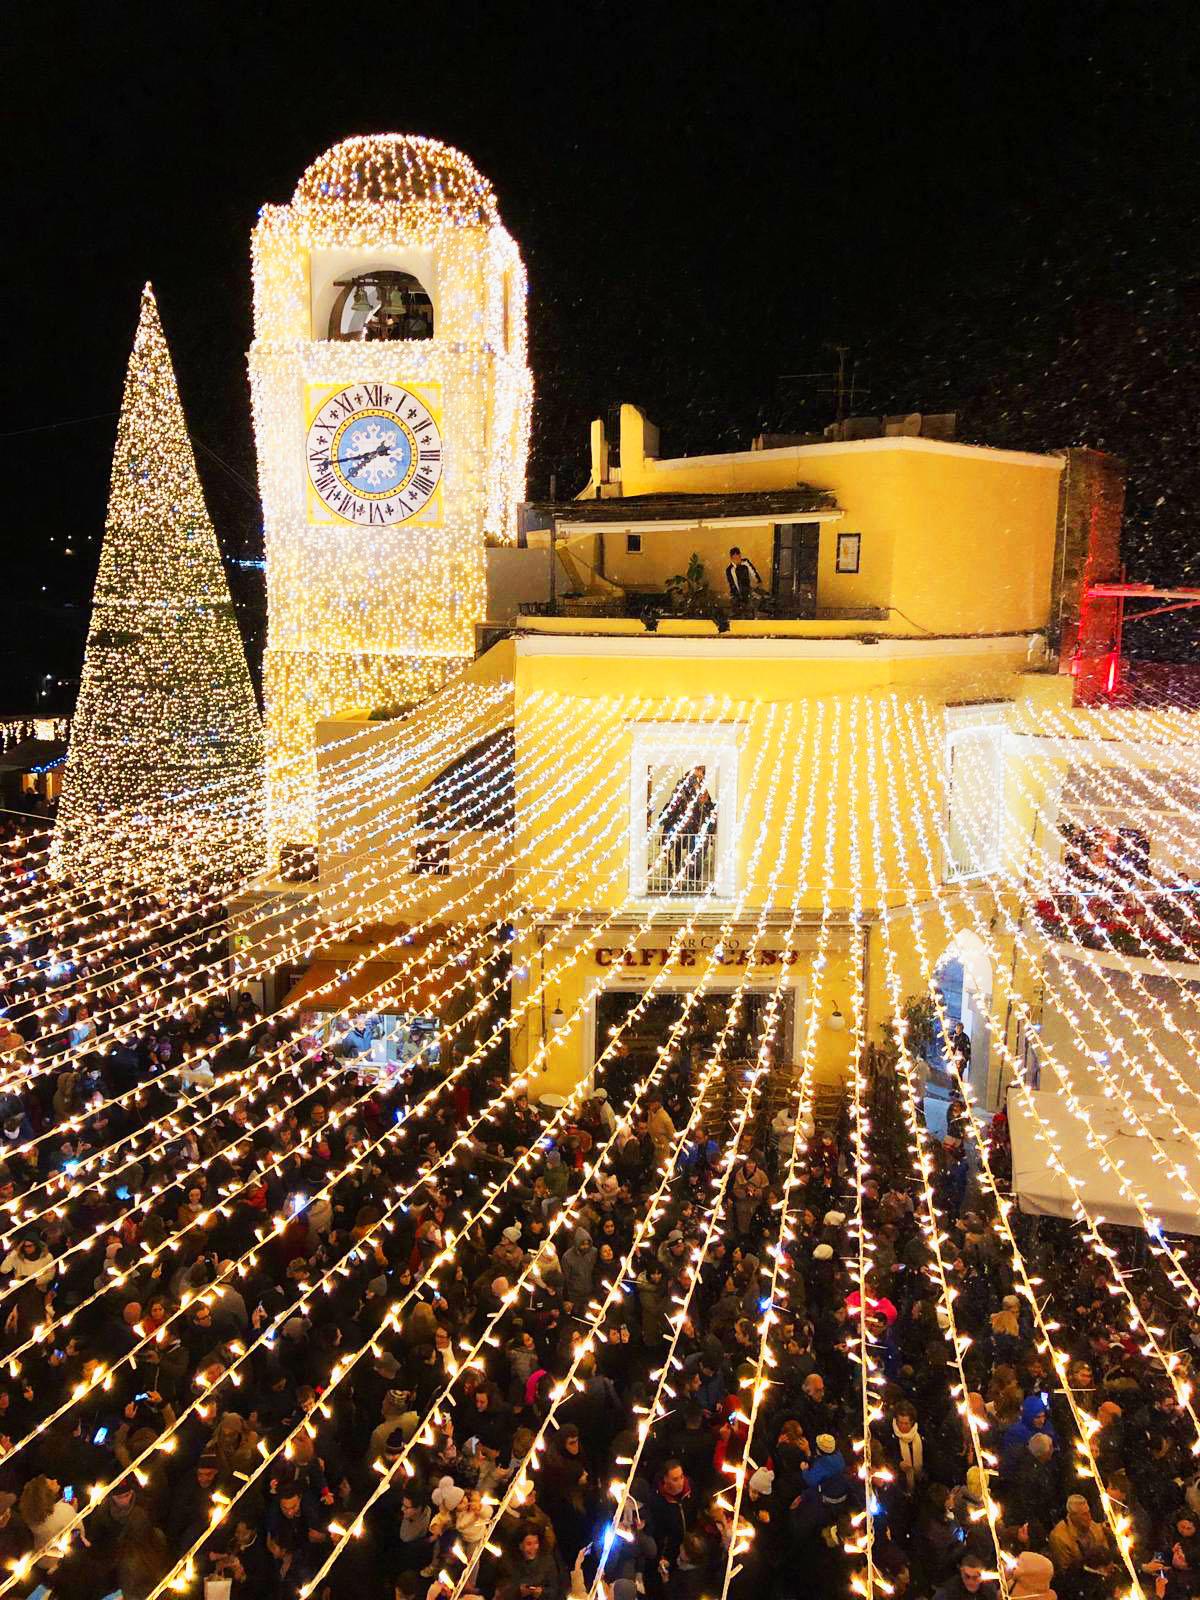 Natale a Capri. Luci e Neve in Piazzetta ed é subito uno Spettacolo Straordinario (FOTO e VIDEO)